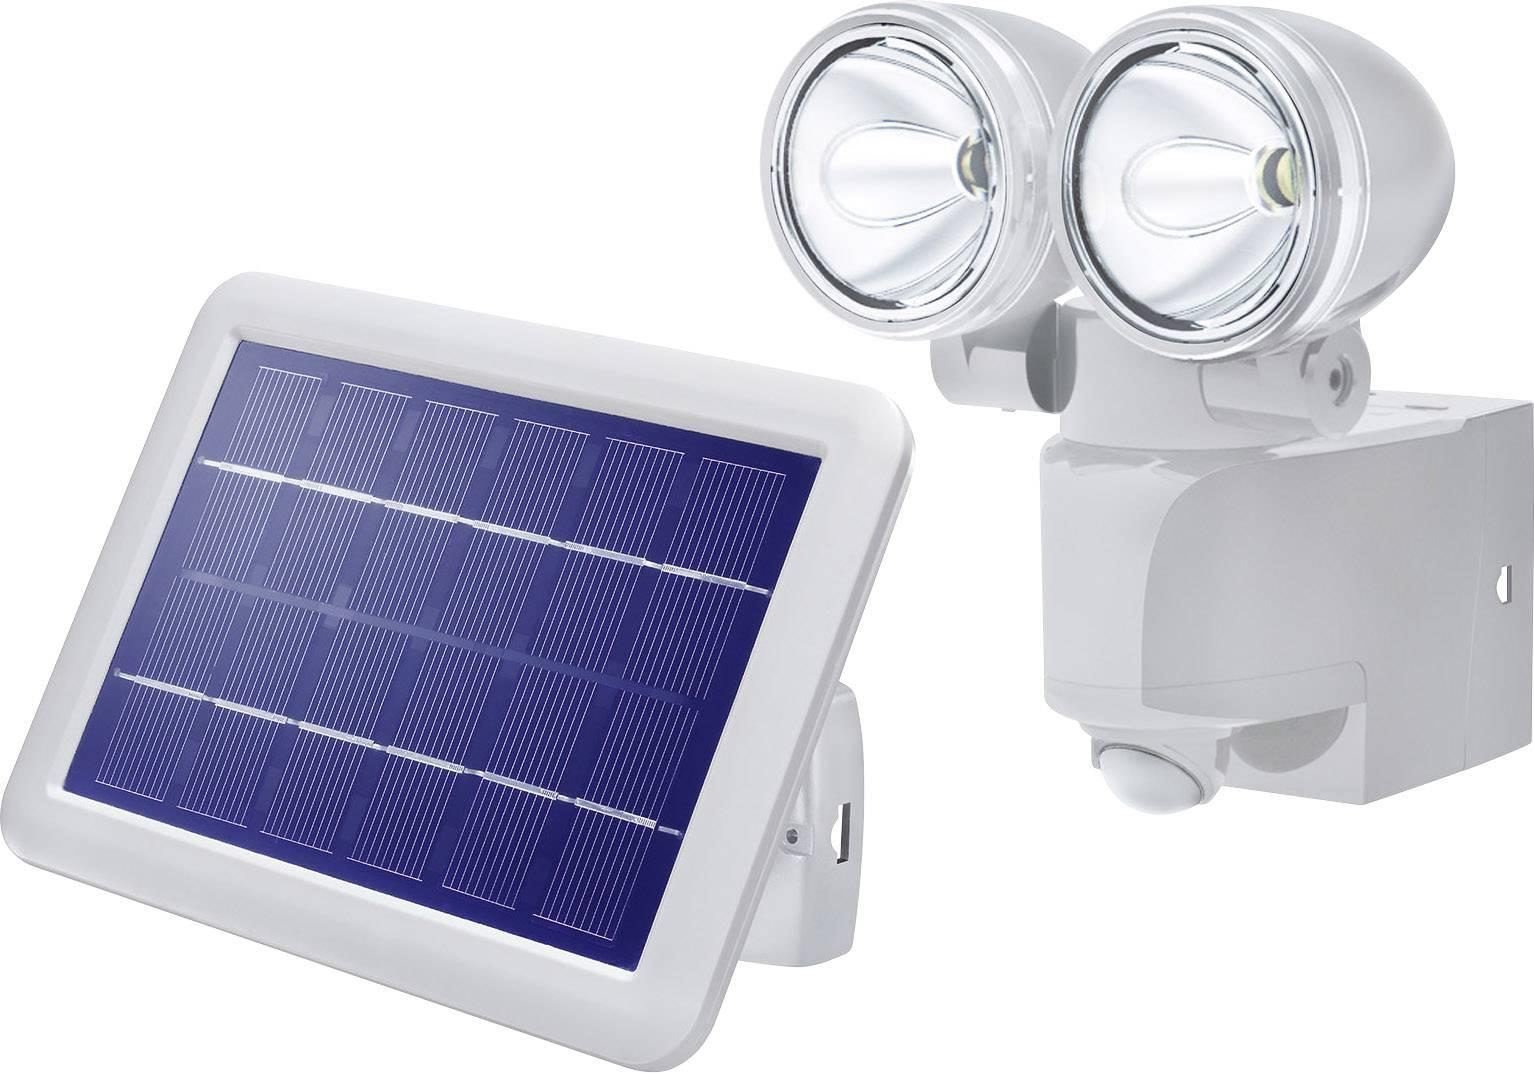 Solární LED svítidla s detektorem pohybu Esotec Power Light, černá, panel 2 W